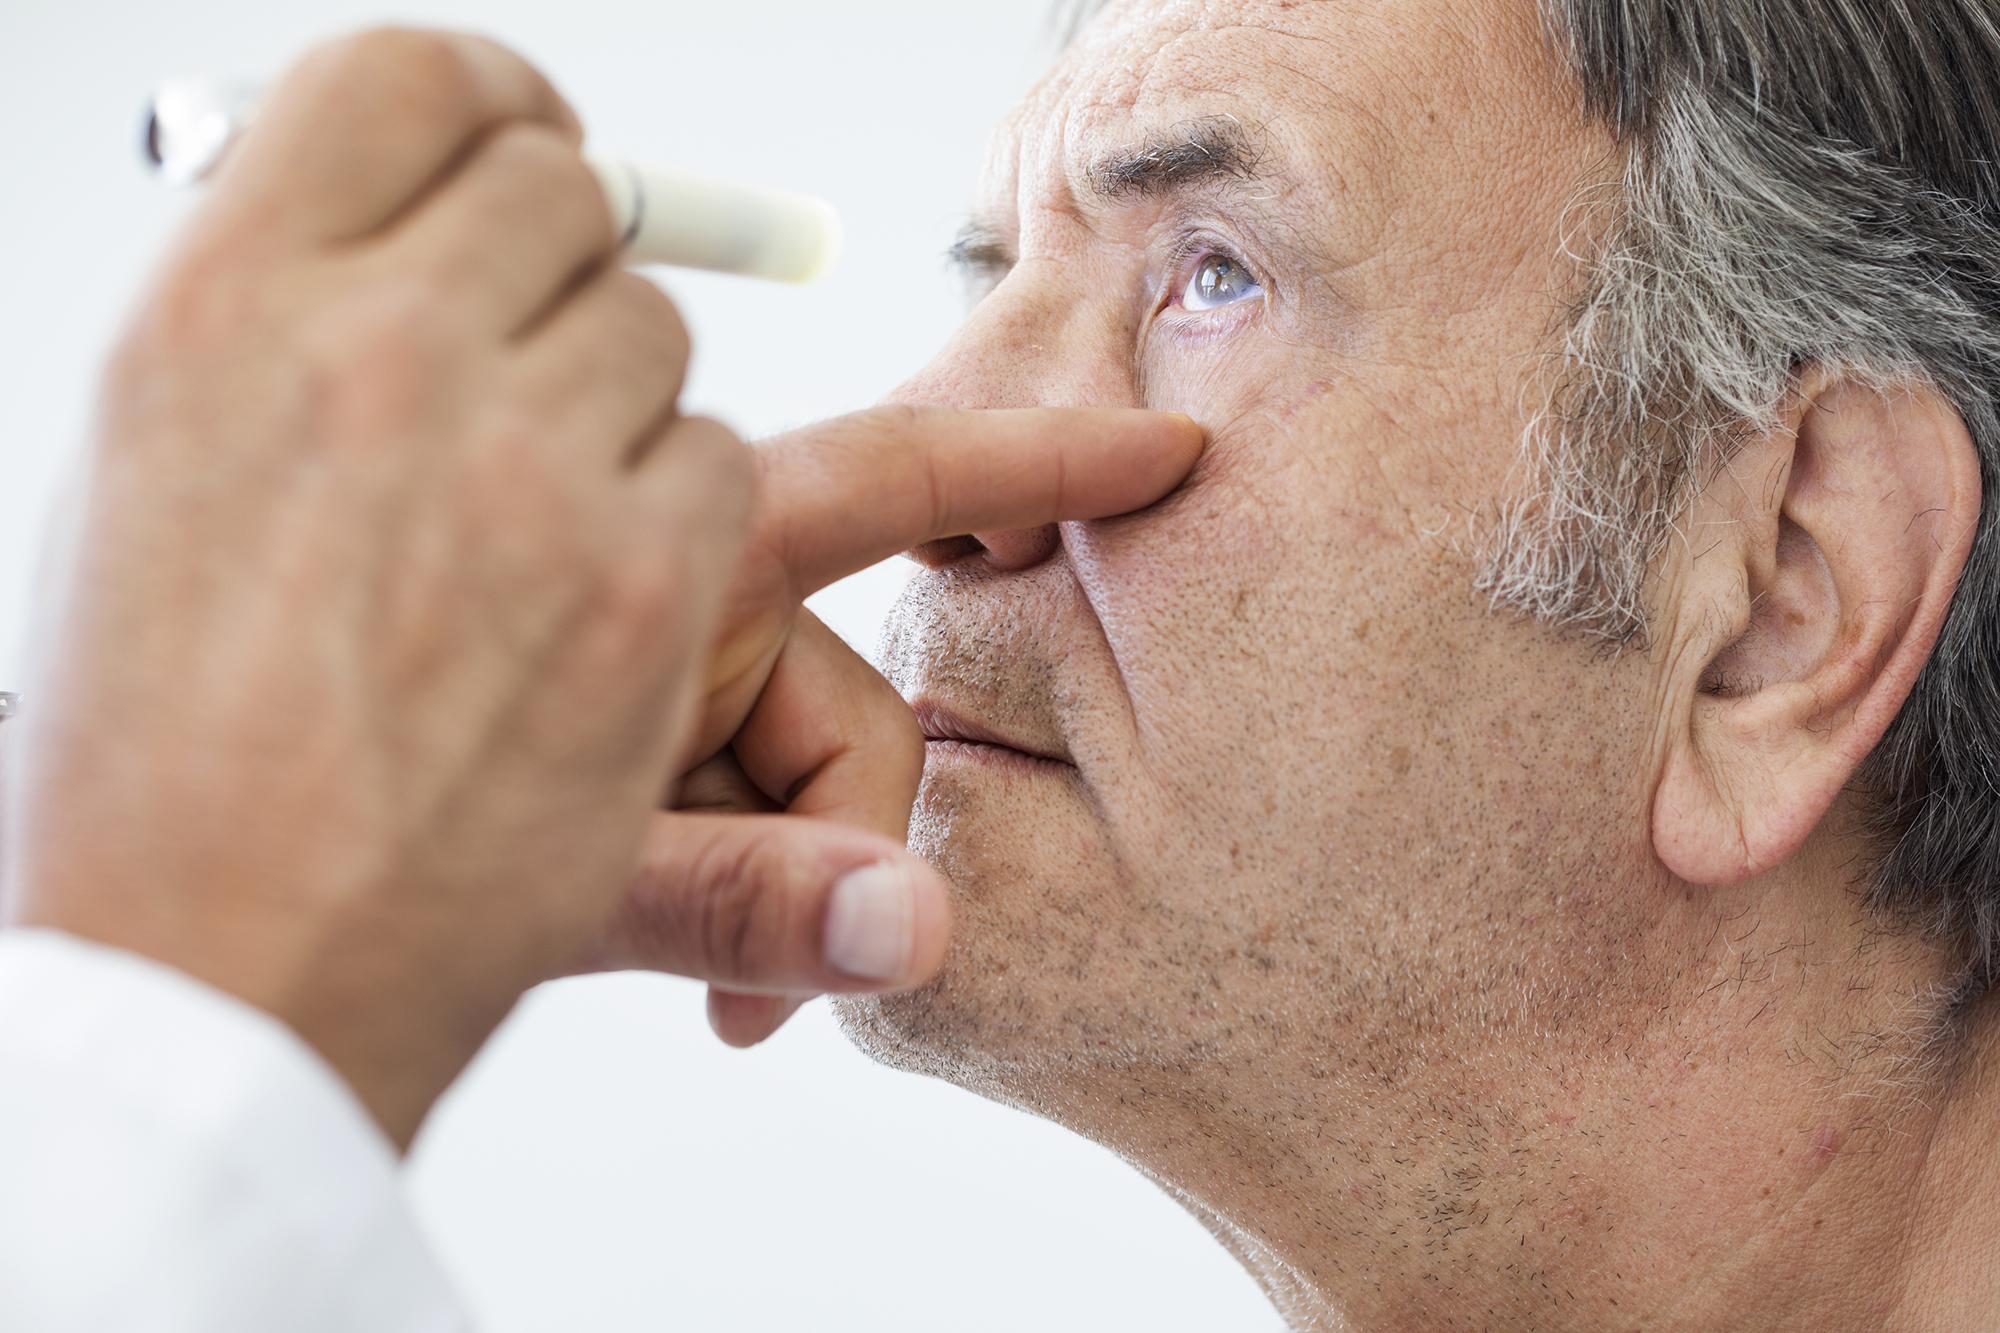 Man receives an eye examination